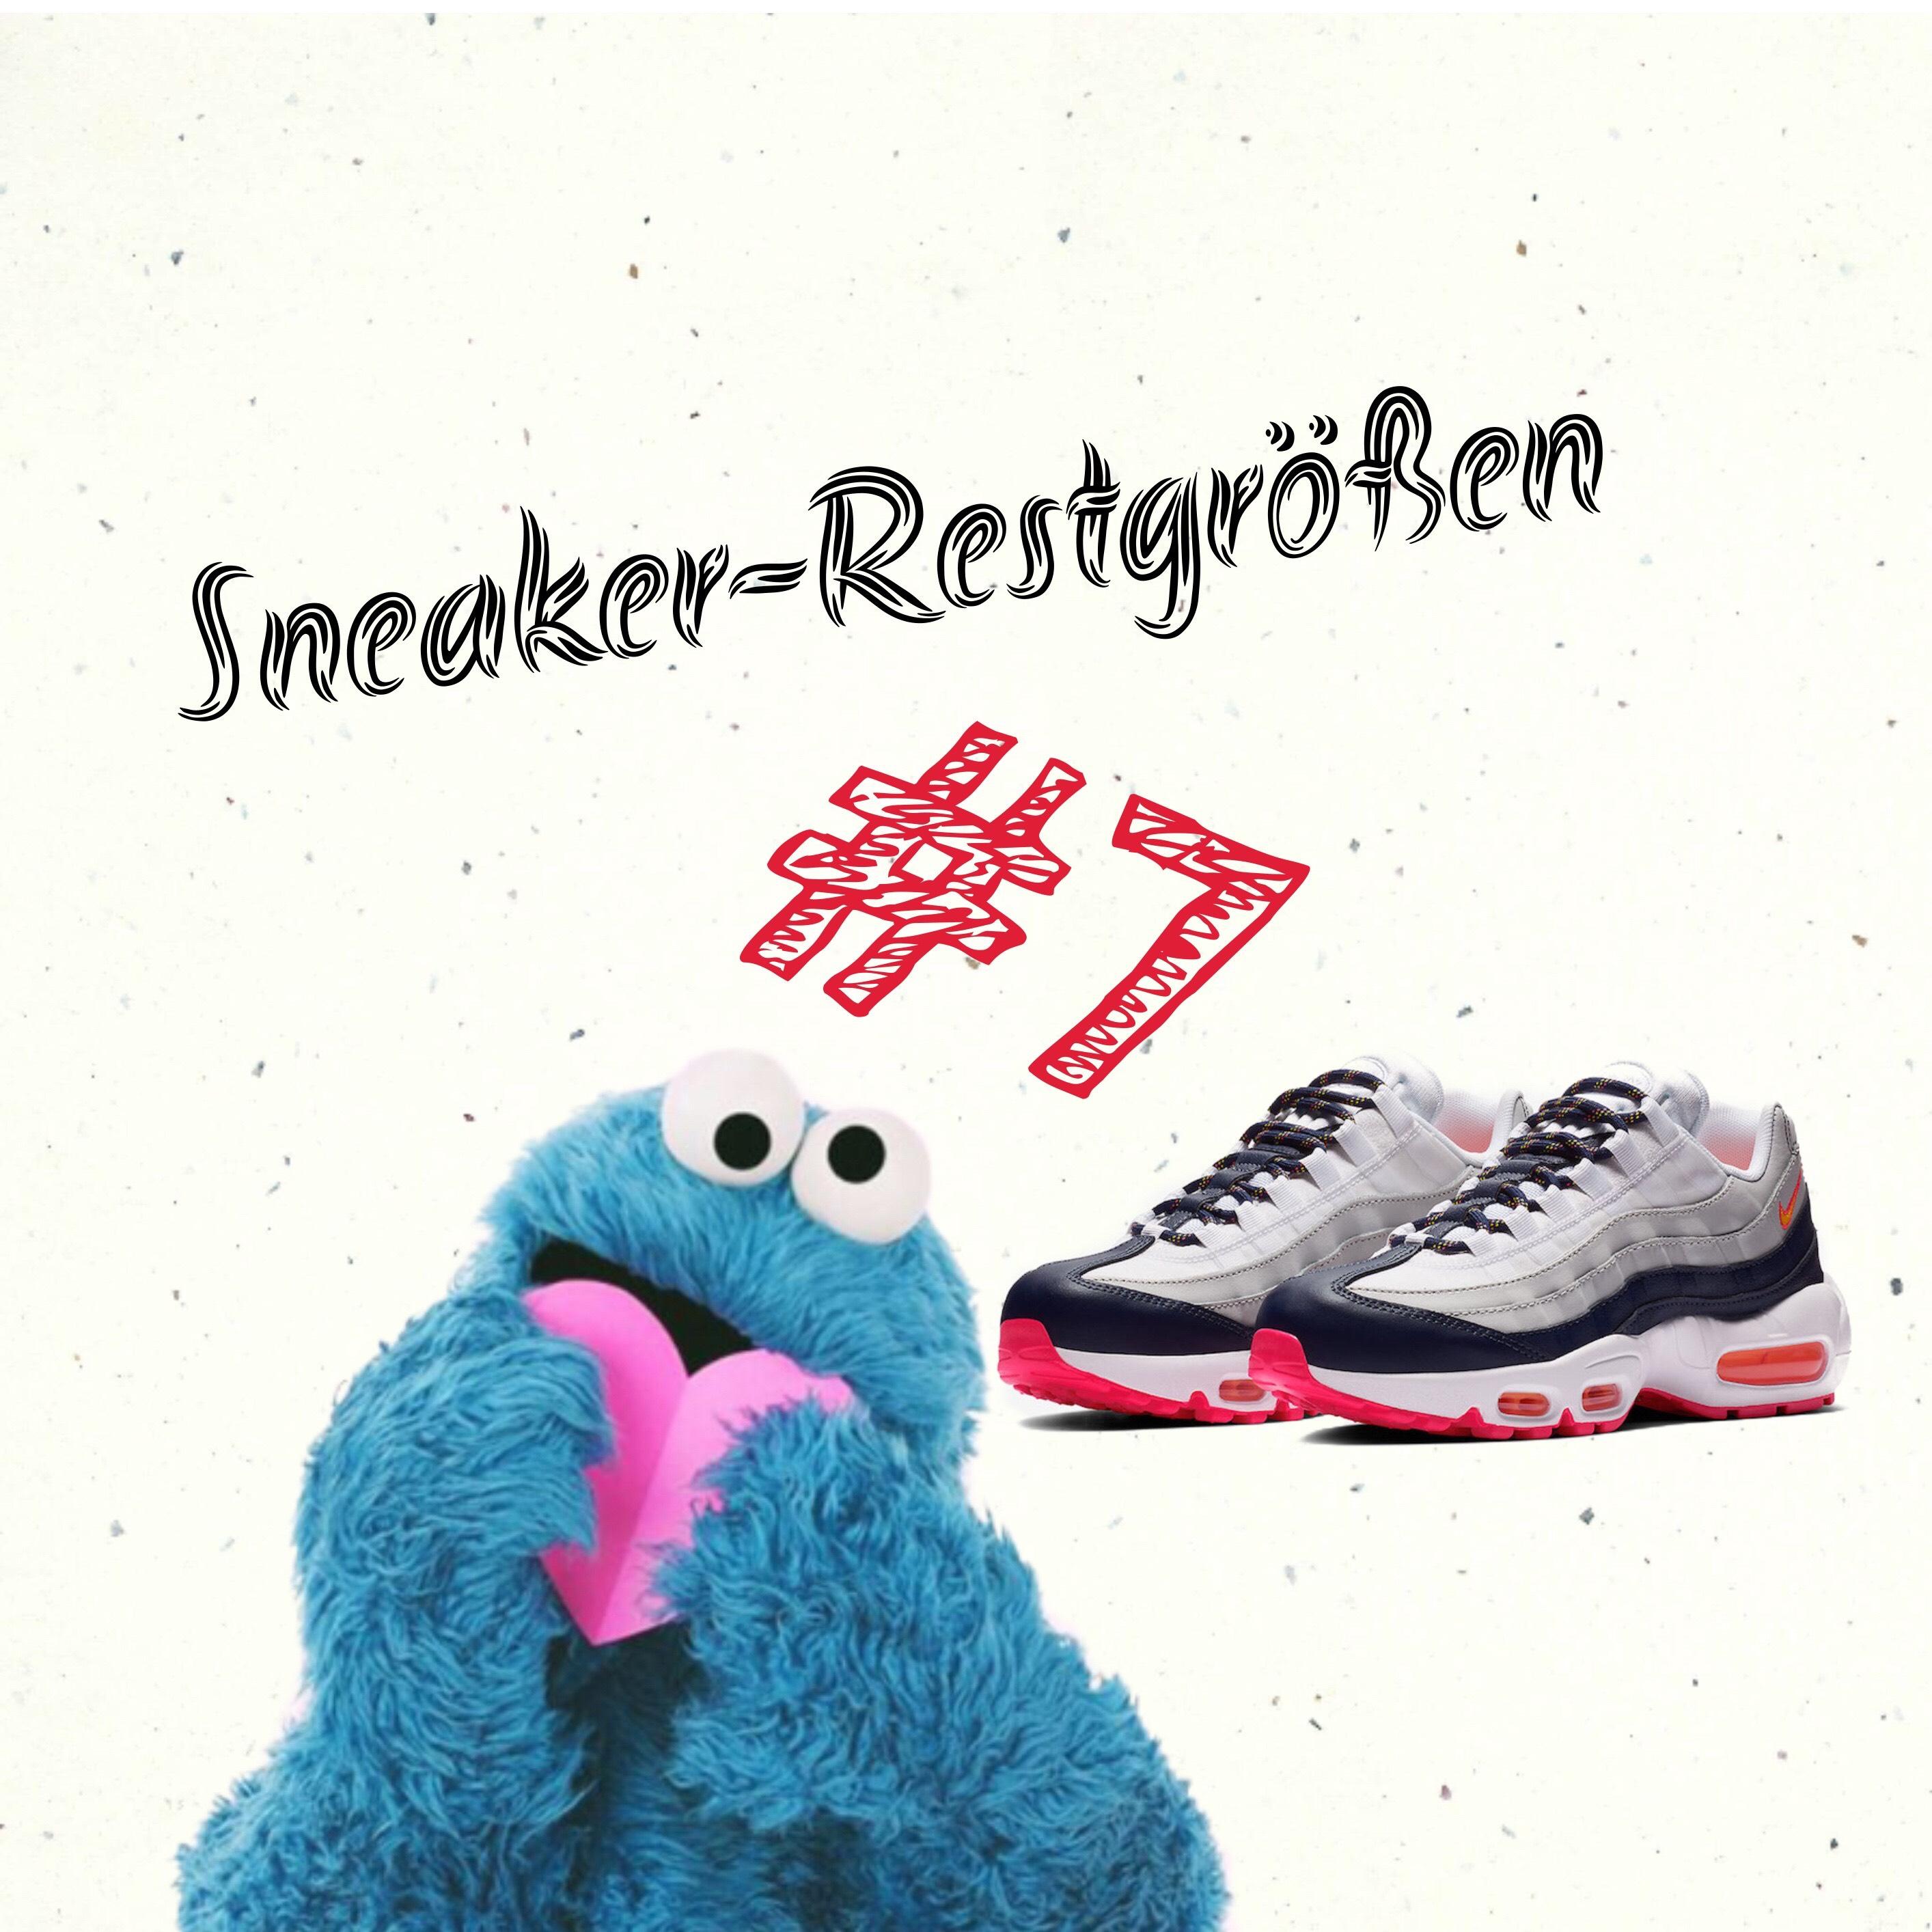 [Sammeldeal] Sneaker Restgrößen #7 z.B. mit Nike Air Max 1- 90 und 270 oder Adidas NMD, Ultra- und Pure Boost uvm. !